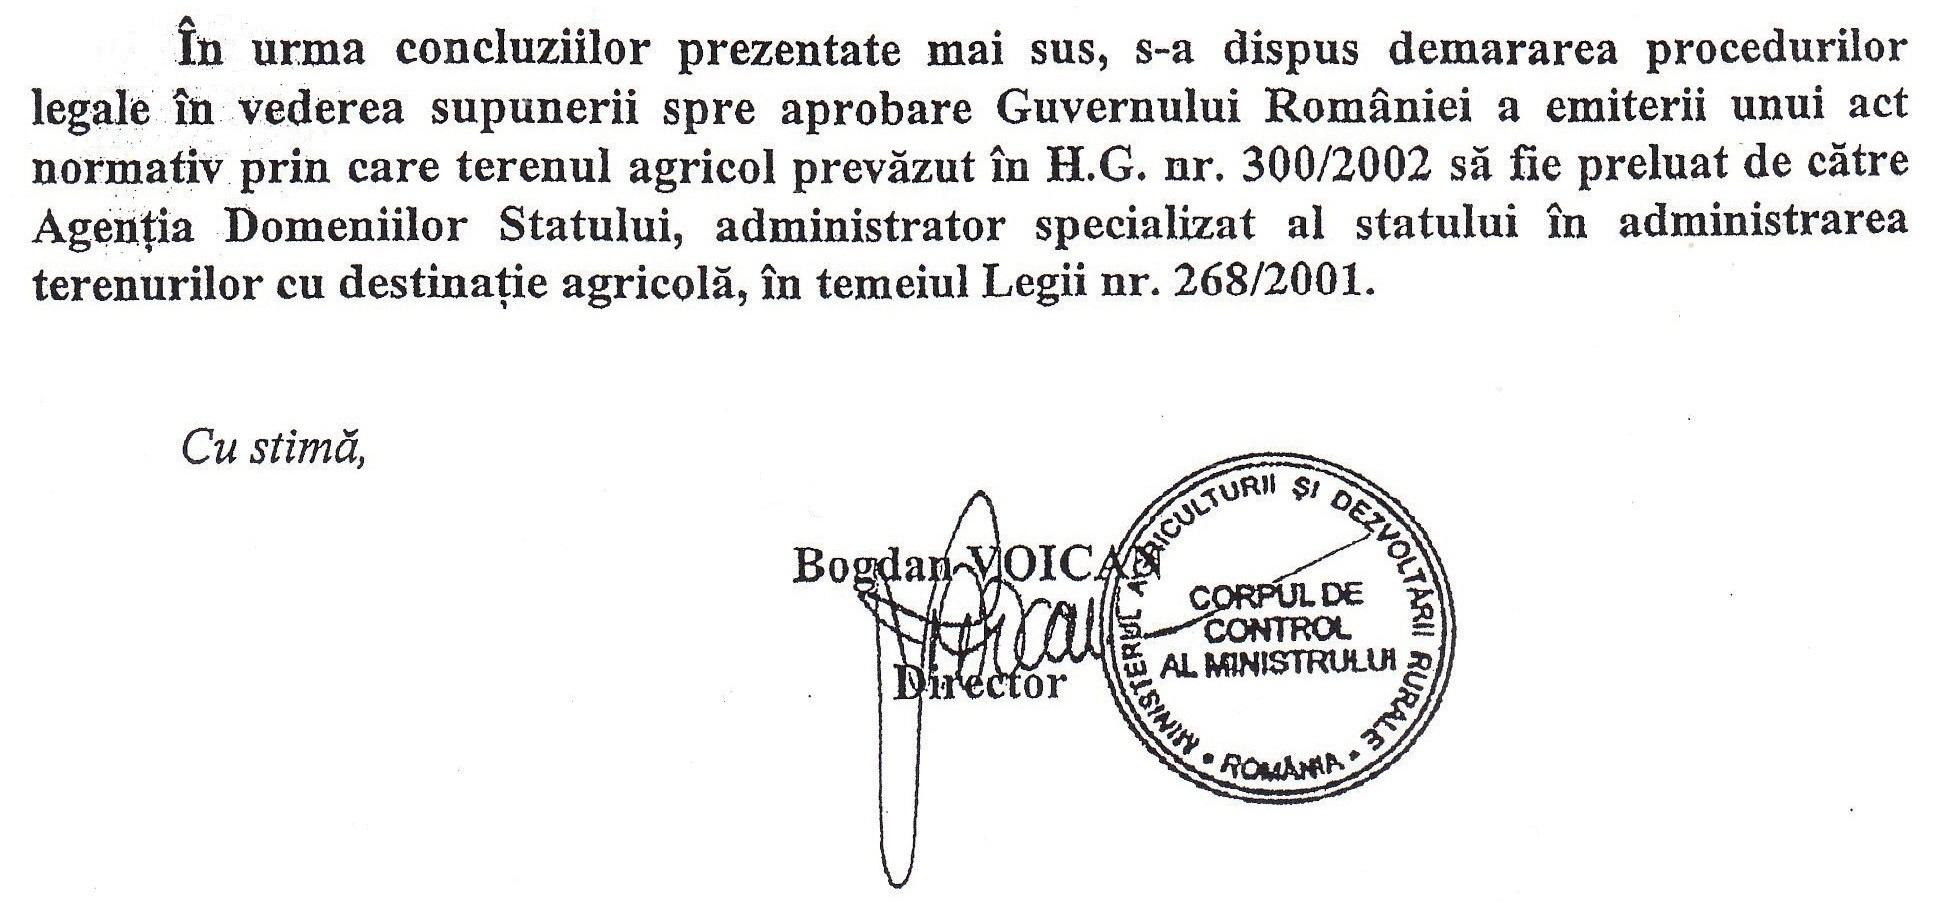 A propus Ministerul Agriculturii catre Guvernul României emiterea unui act normativ prin care cele 350 ha de pământ (donate de Adrian Năstase lui Teodosie, cf. H.G. 300/ 2002) să fie preluate de Agenția Domeniilor Statului?